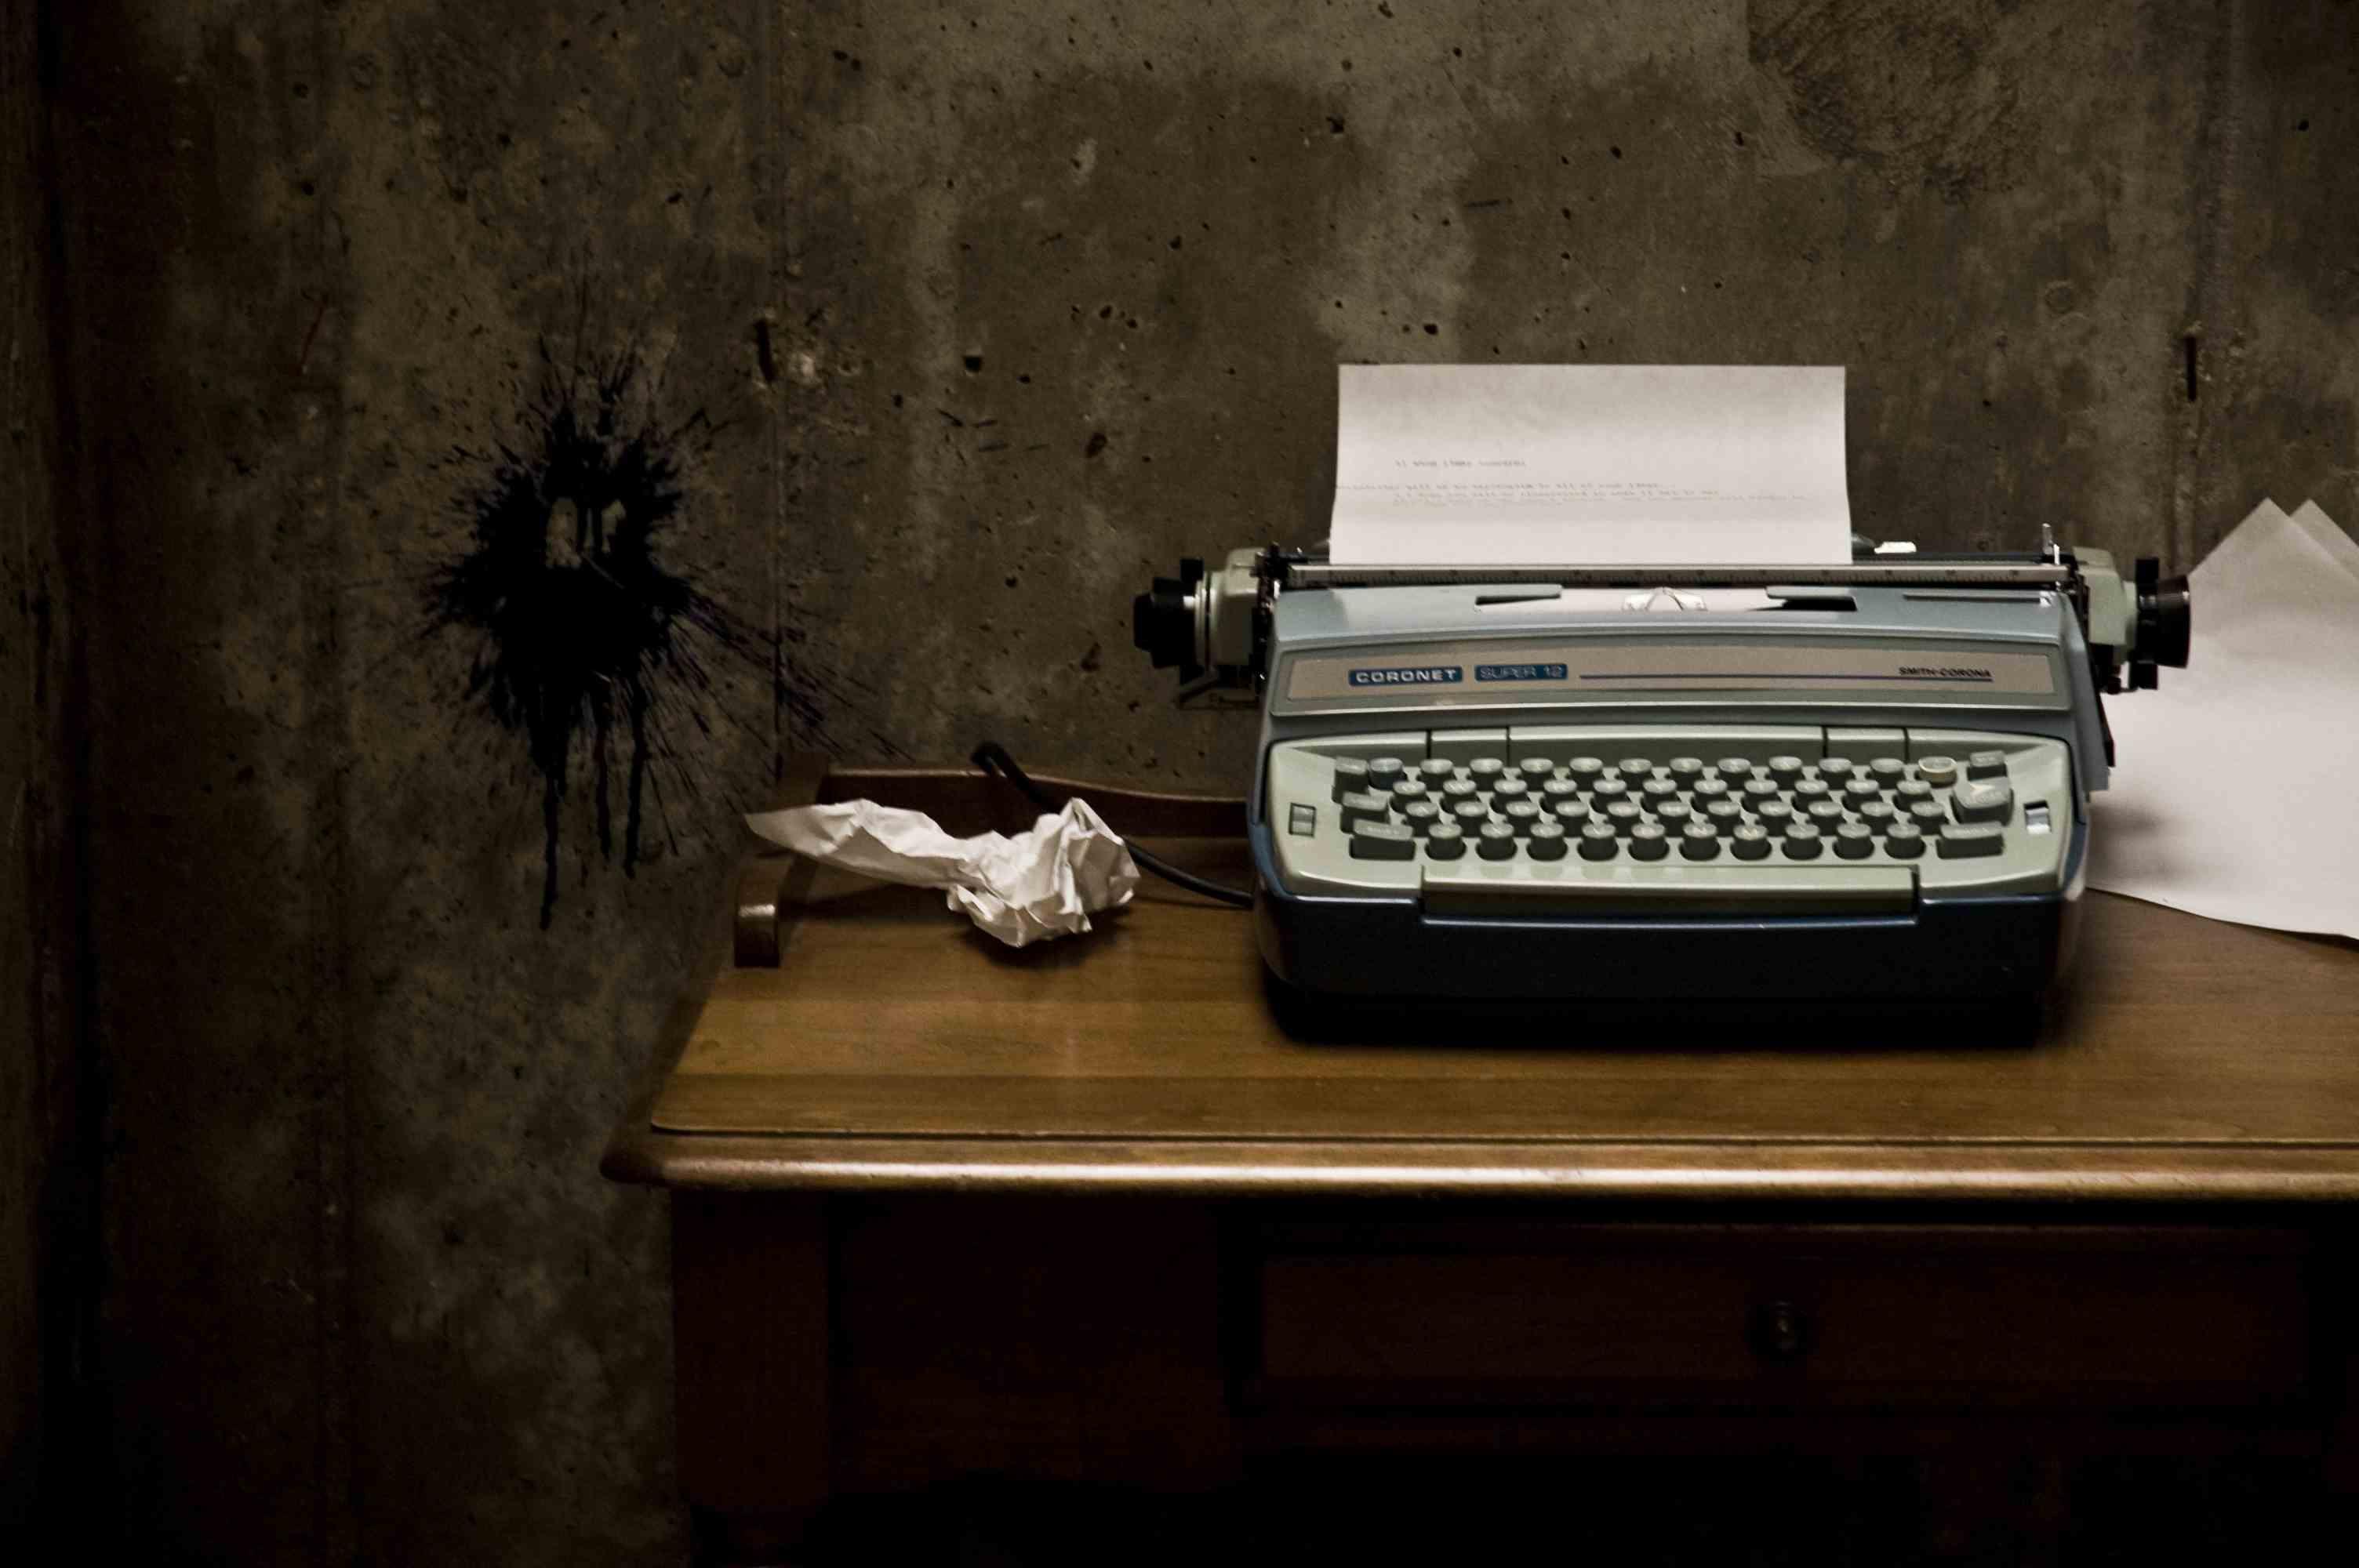 alter-ego-scrittore